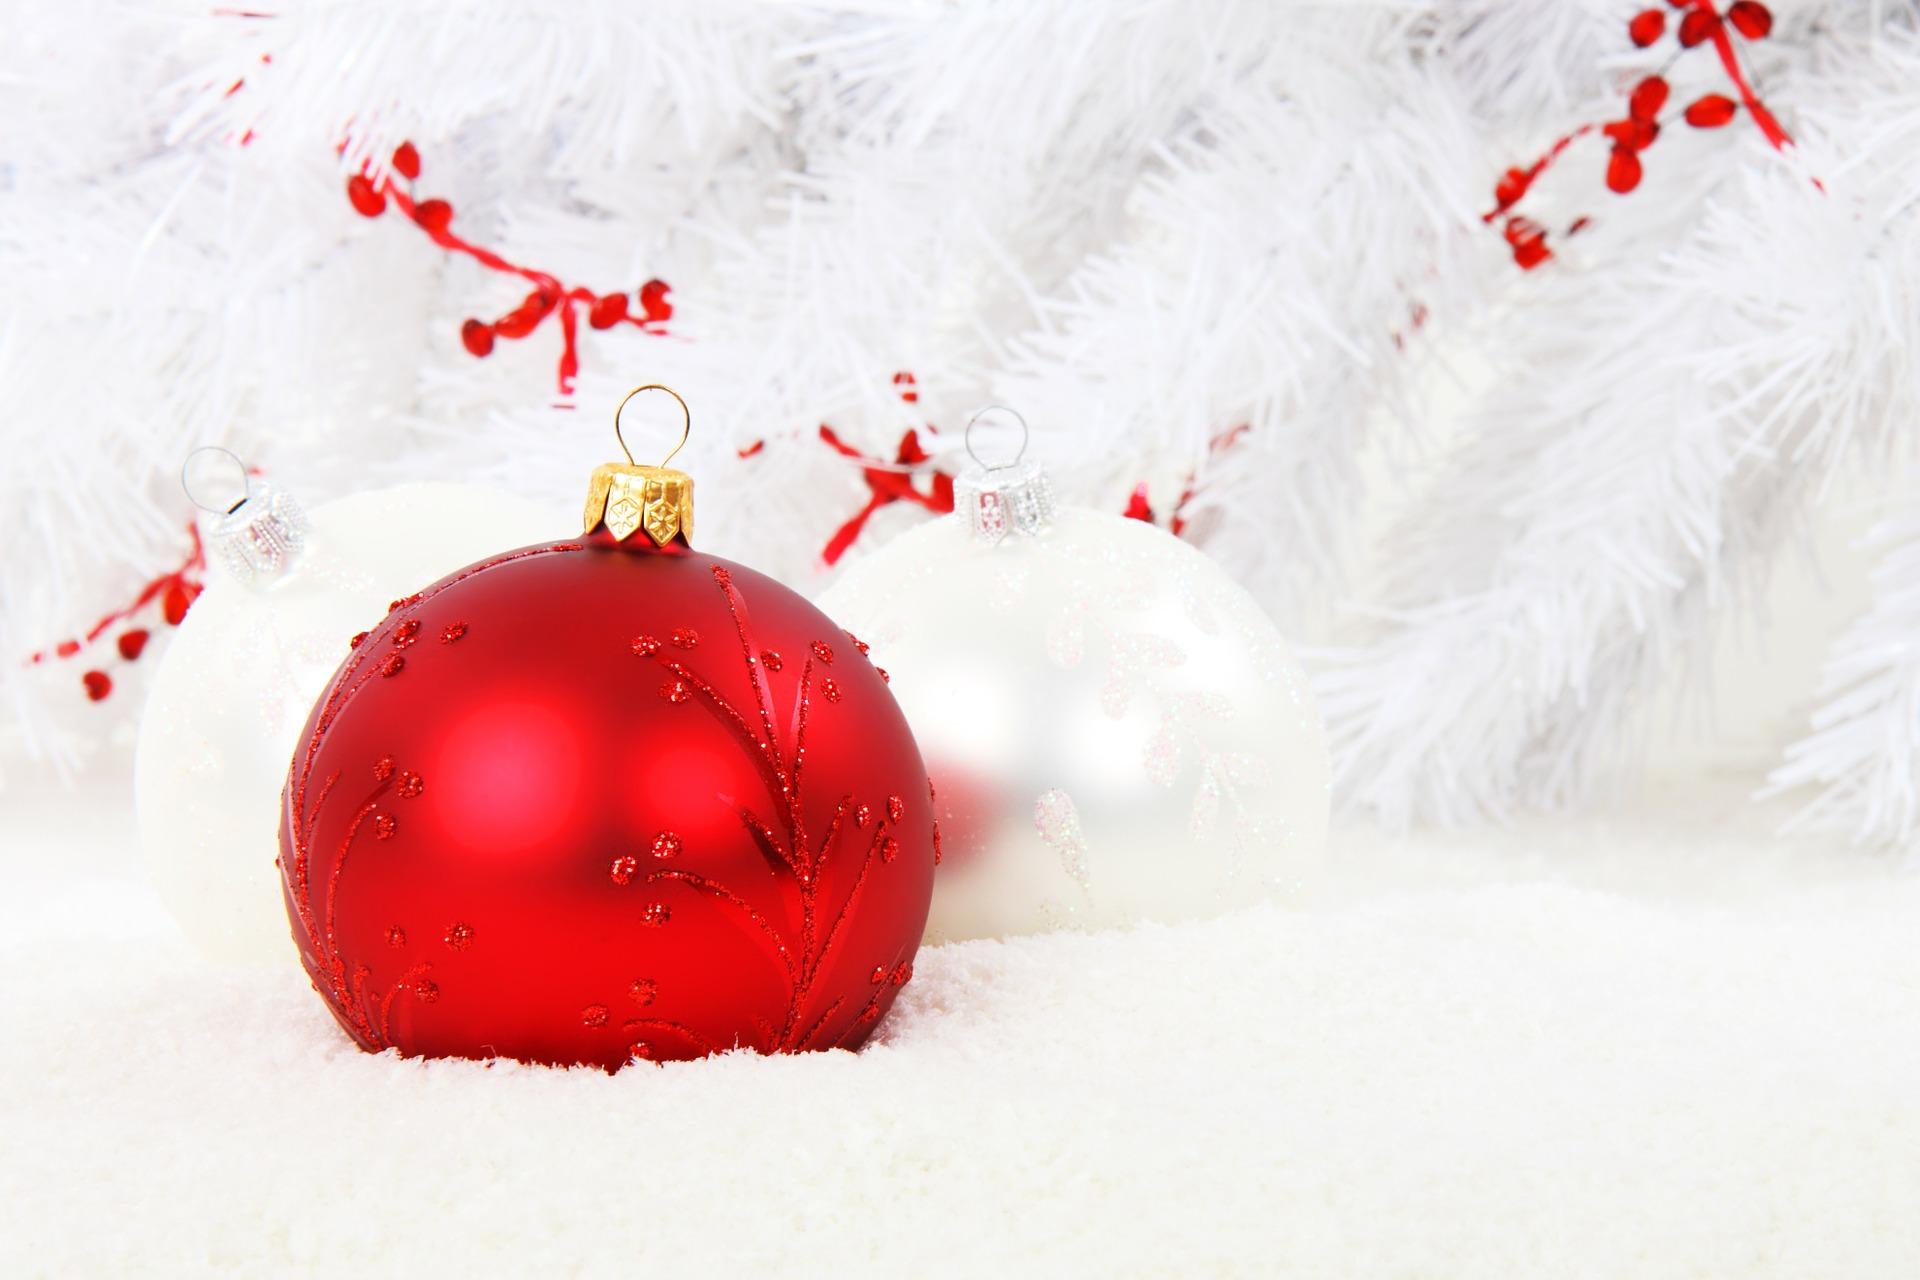 Weihnachtsgrüße Versenden Beispiele.Es Waren Einmal Weihnachtsgrüße Danke Eu Dsgvo